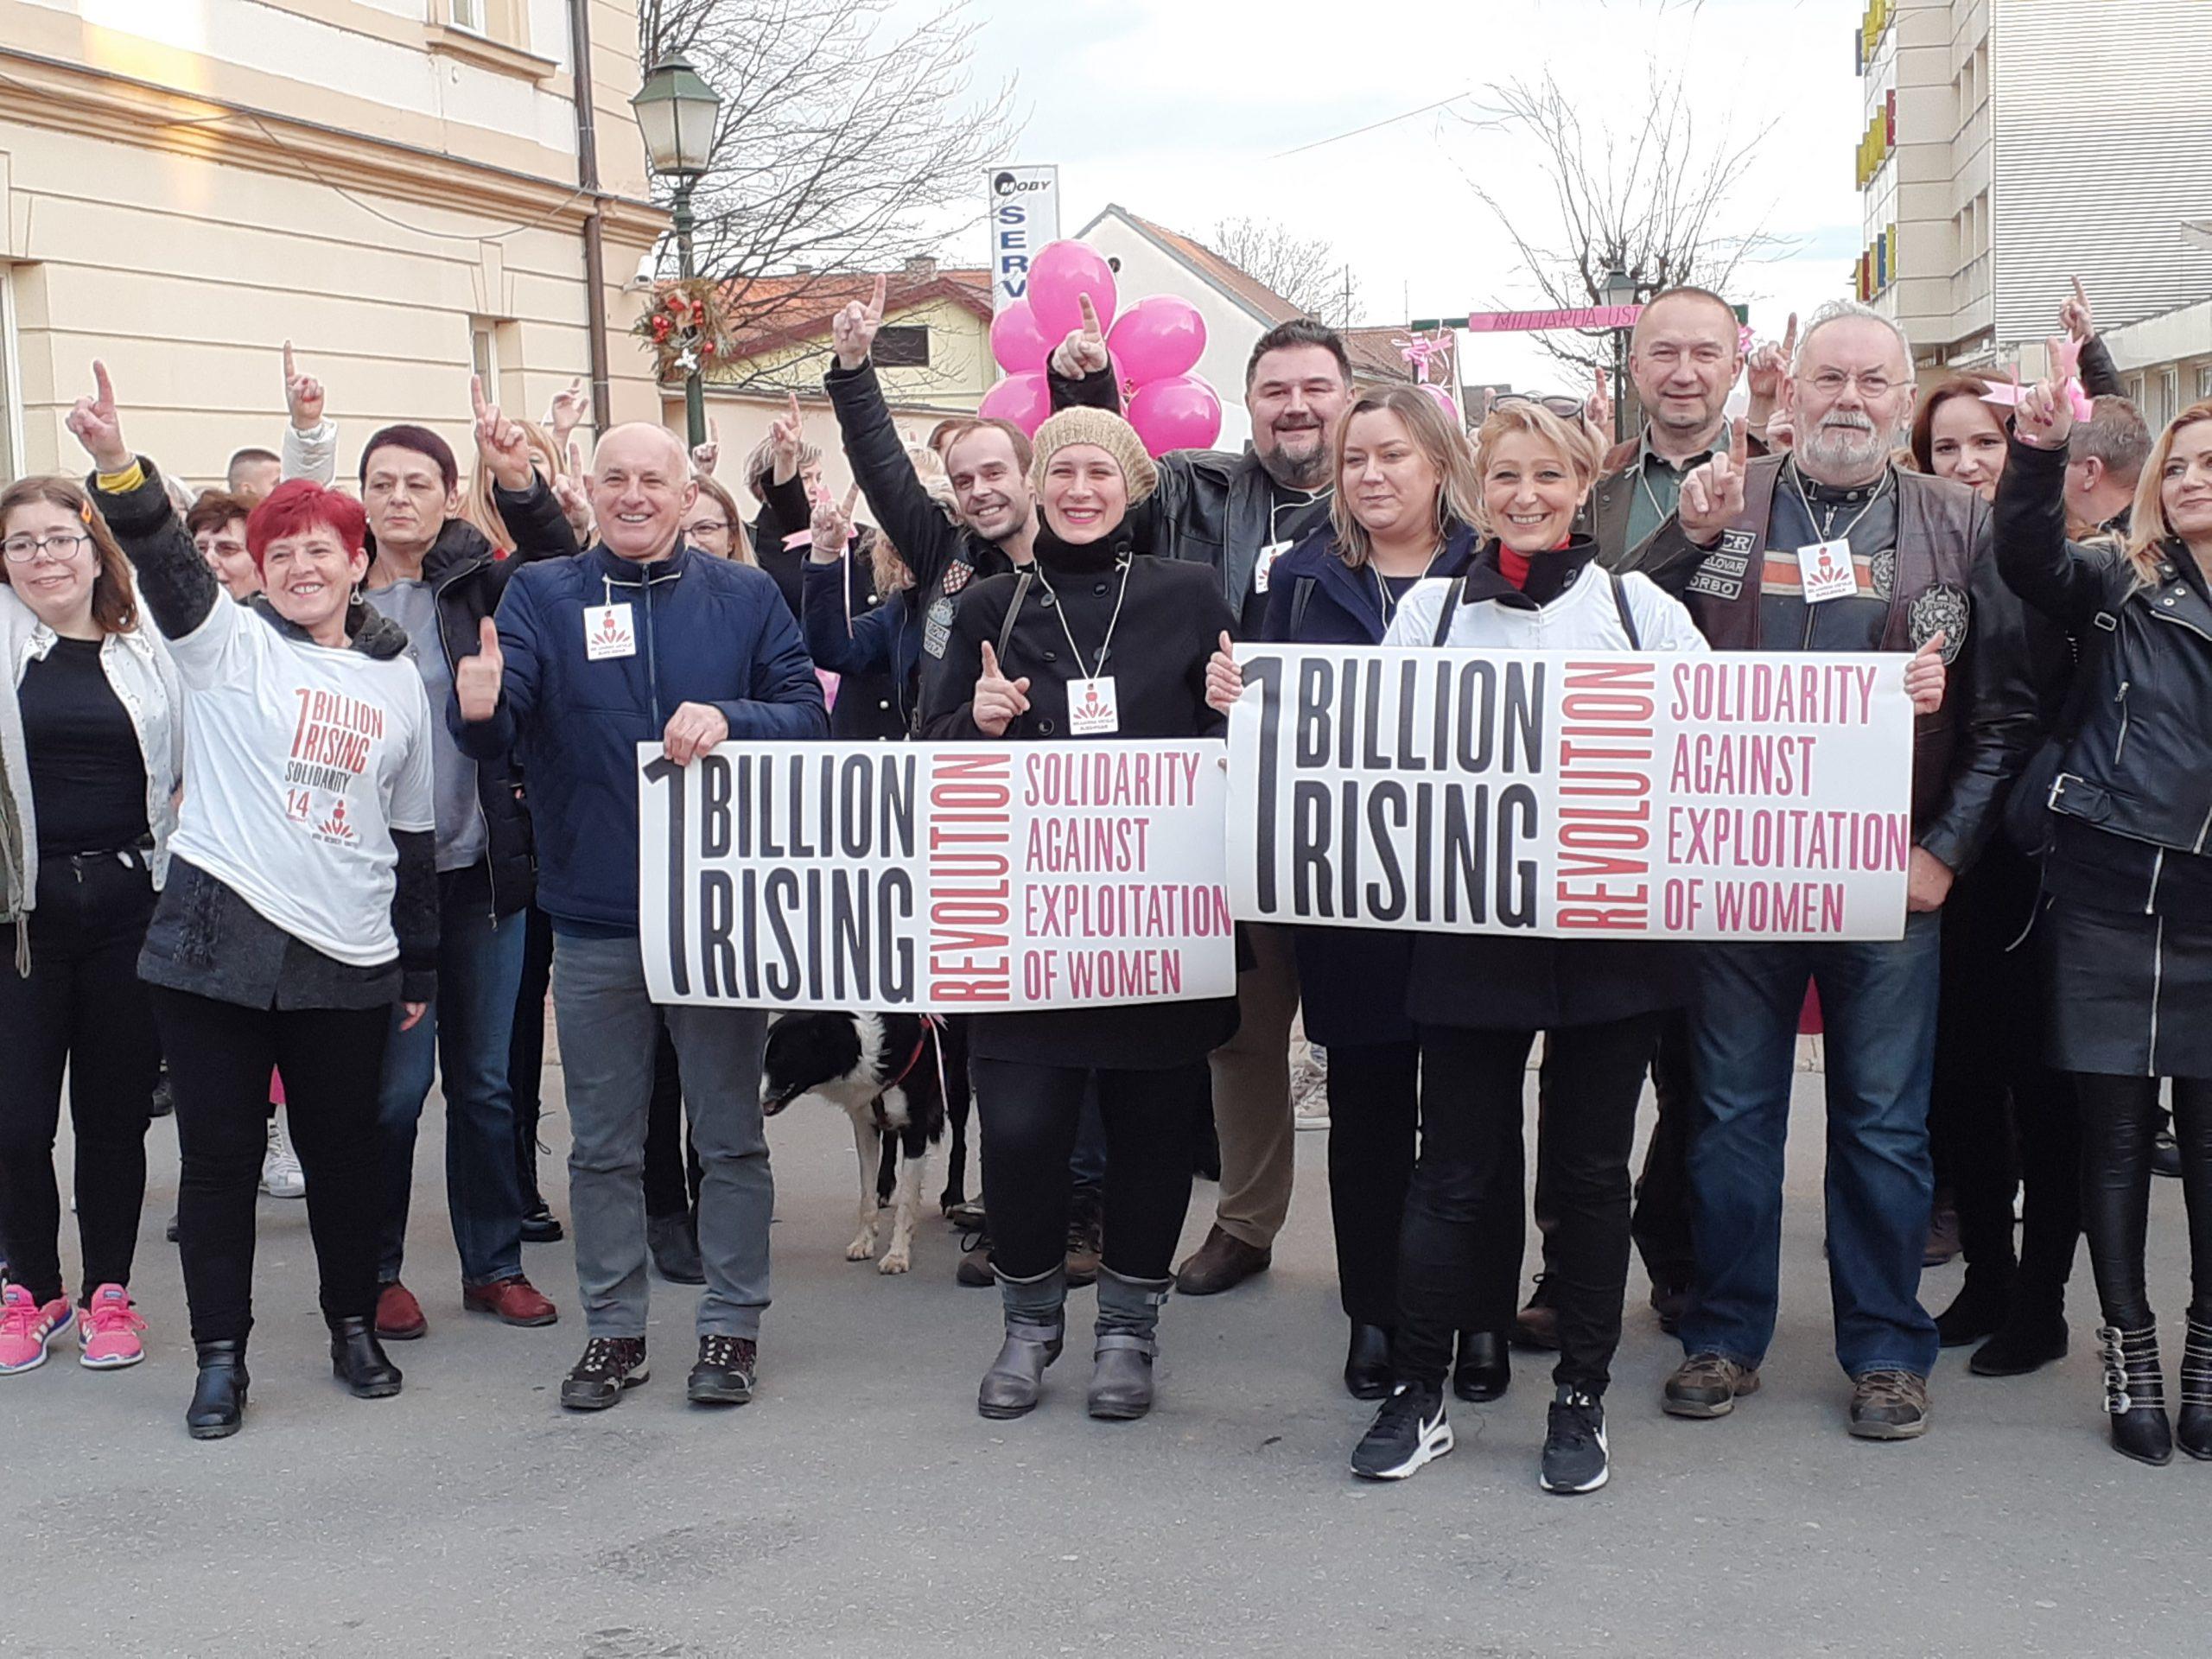 MILIJARDA USTAJE Protiv nasilja je plesao i Bjelovar